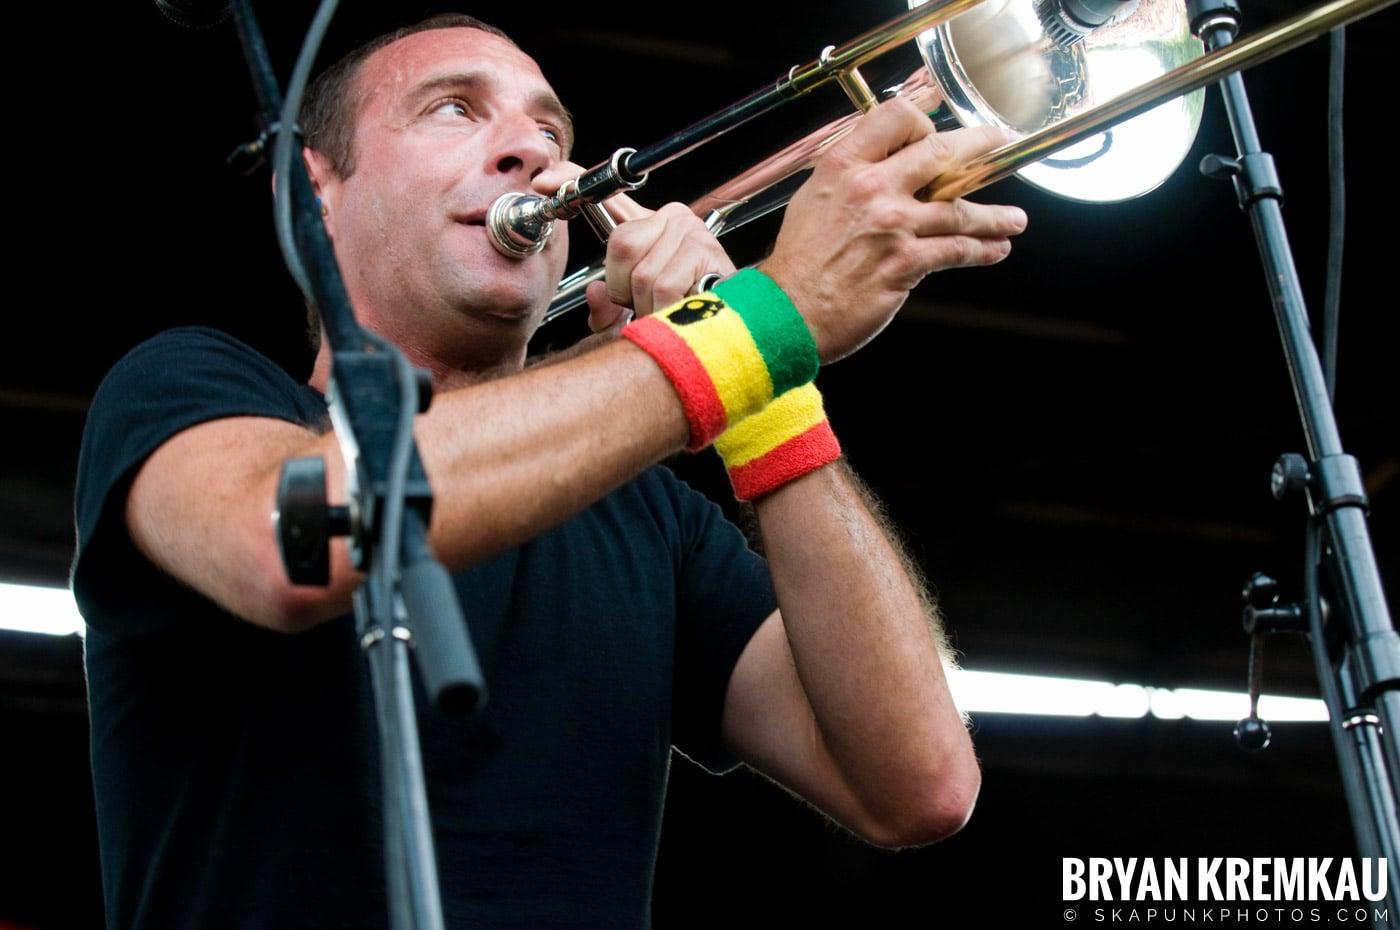 Less Than Jake @ Warped Tour 2009, Scranton PA - 07.15.09 (10)